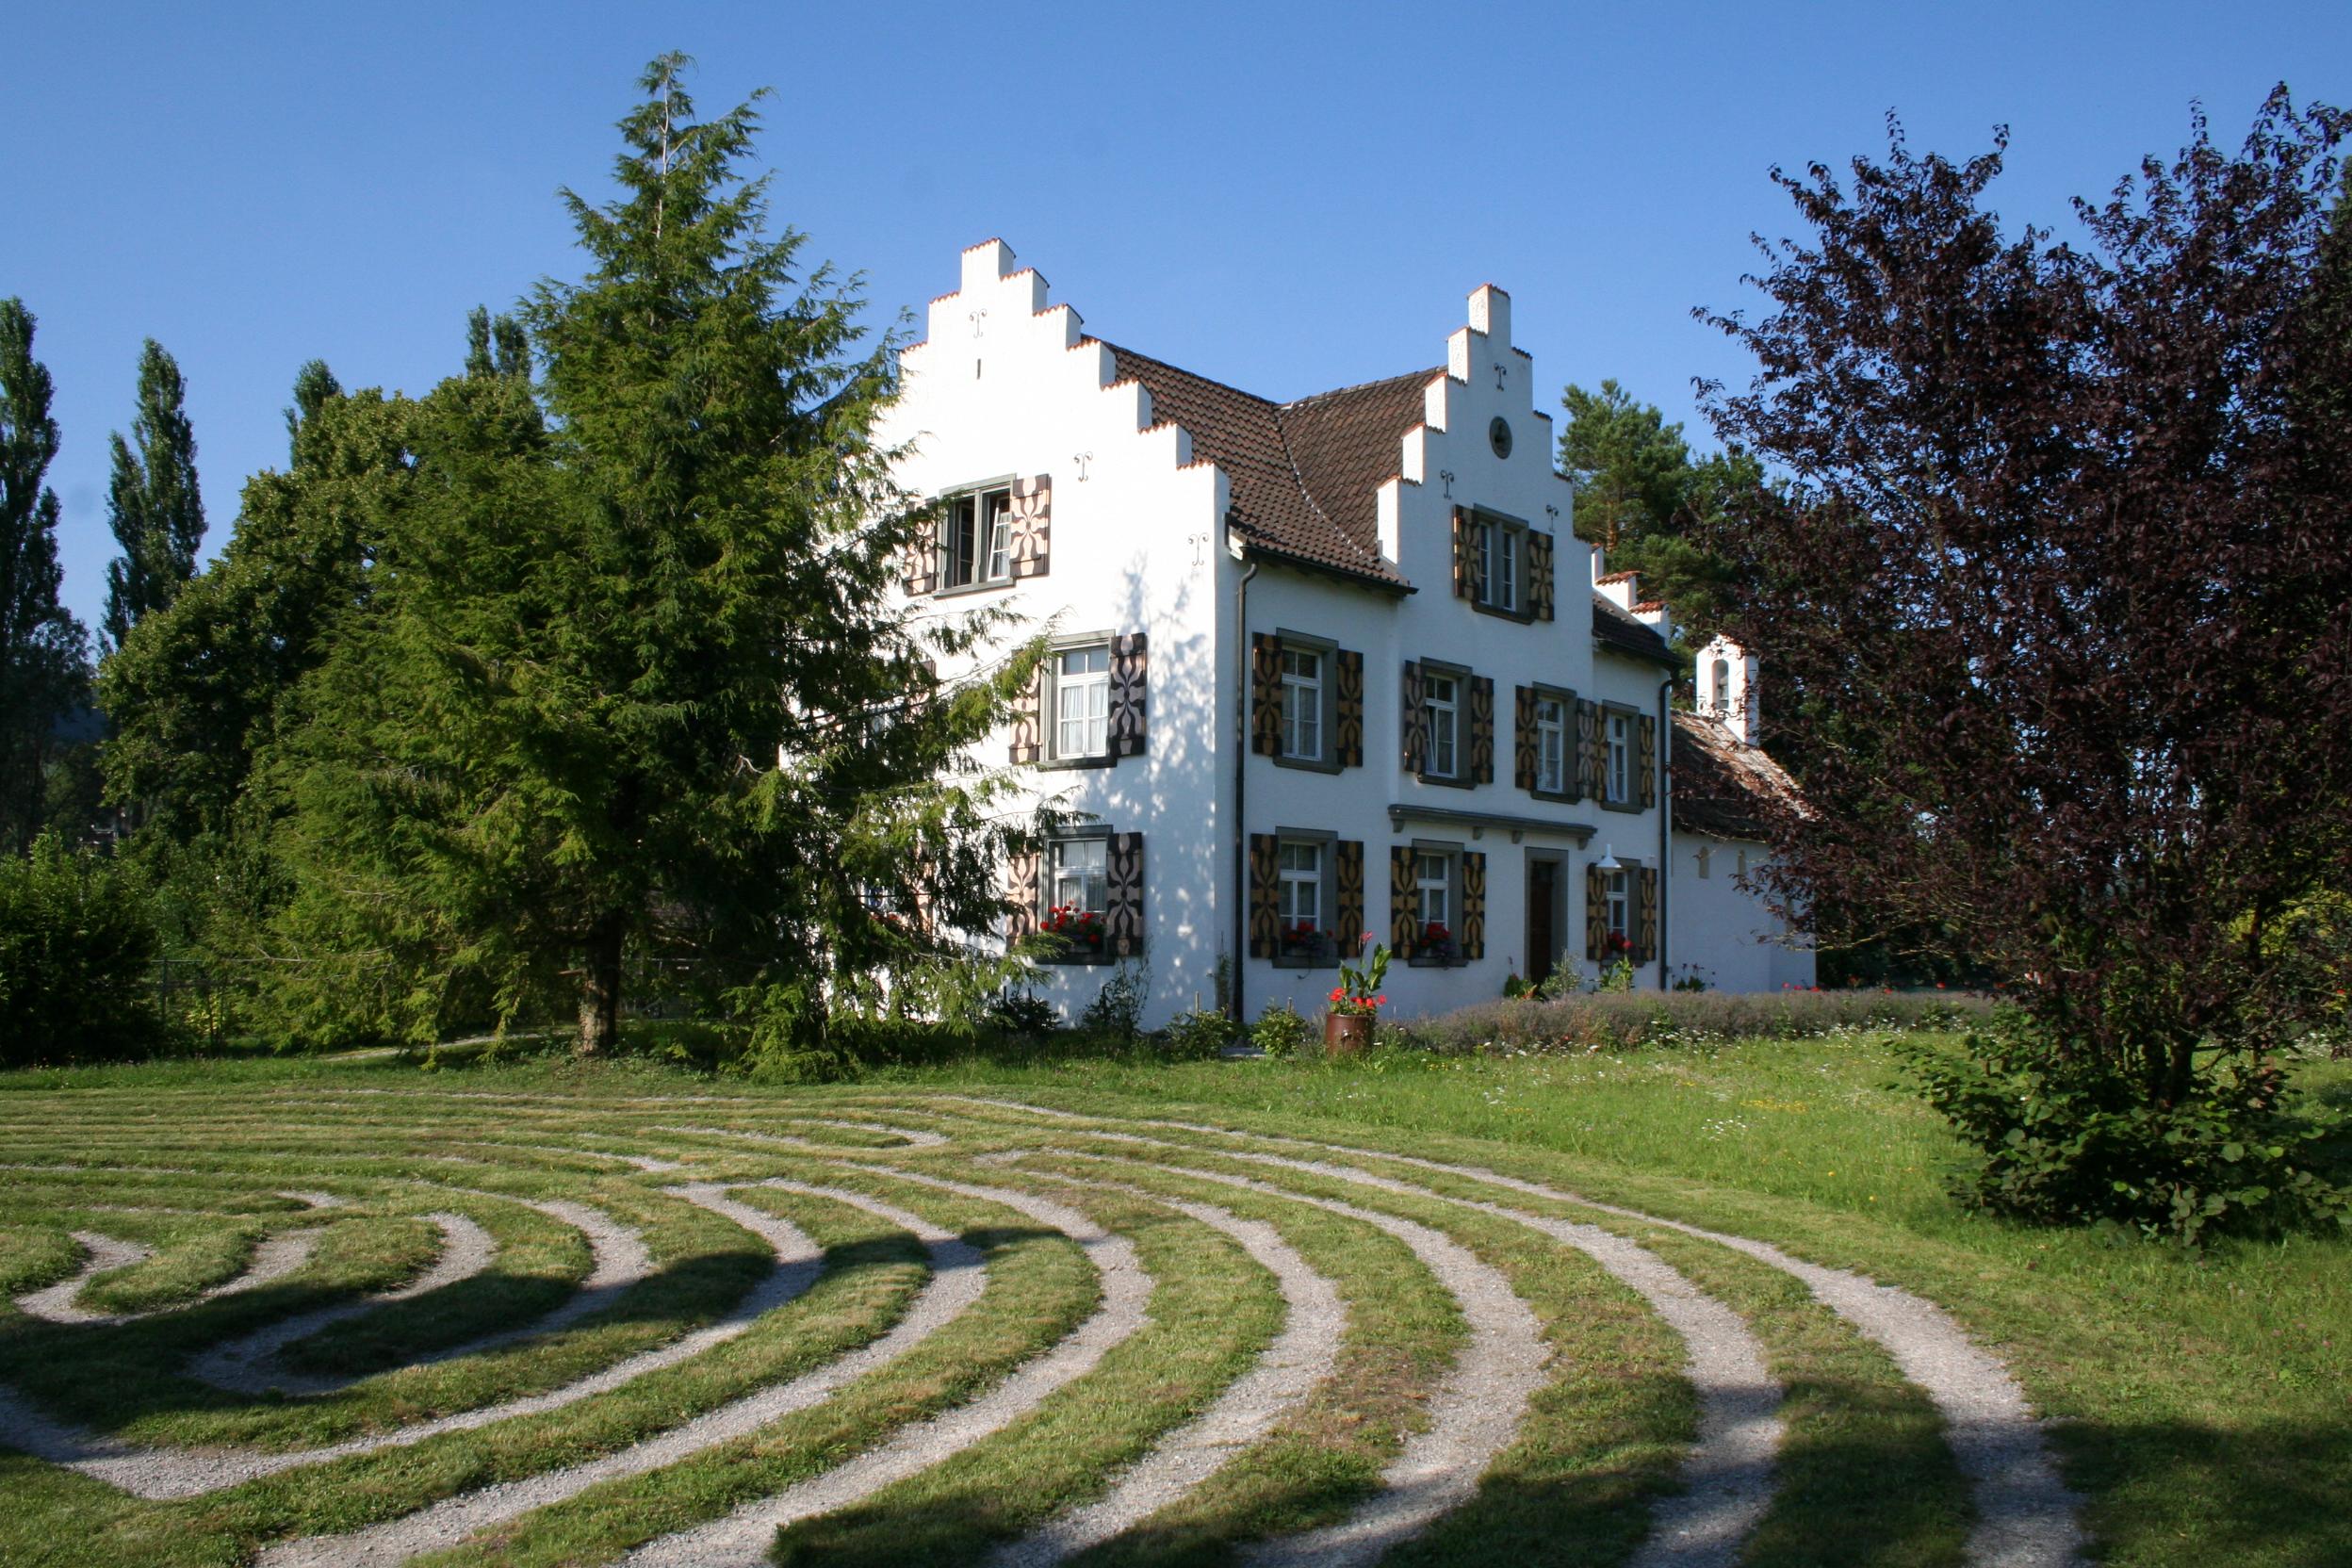 Garten Insel Werd - Tourismus Untersee